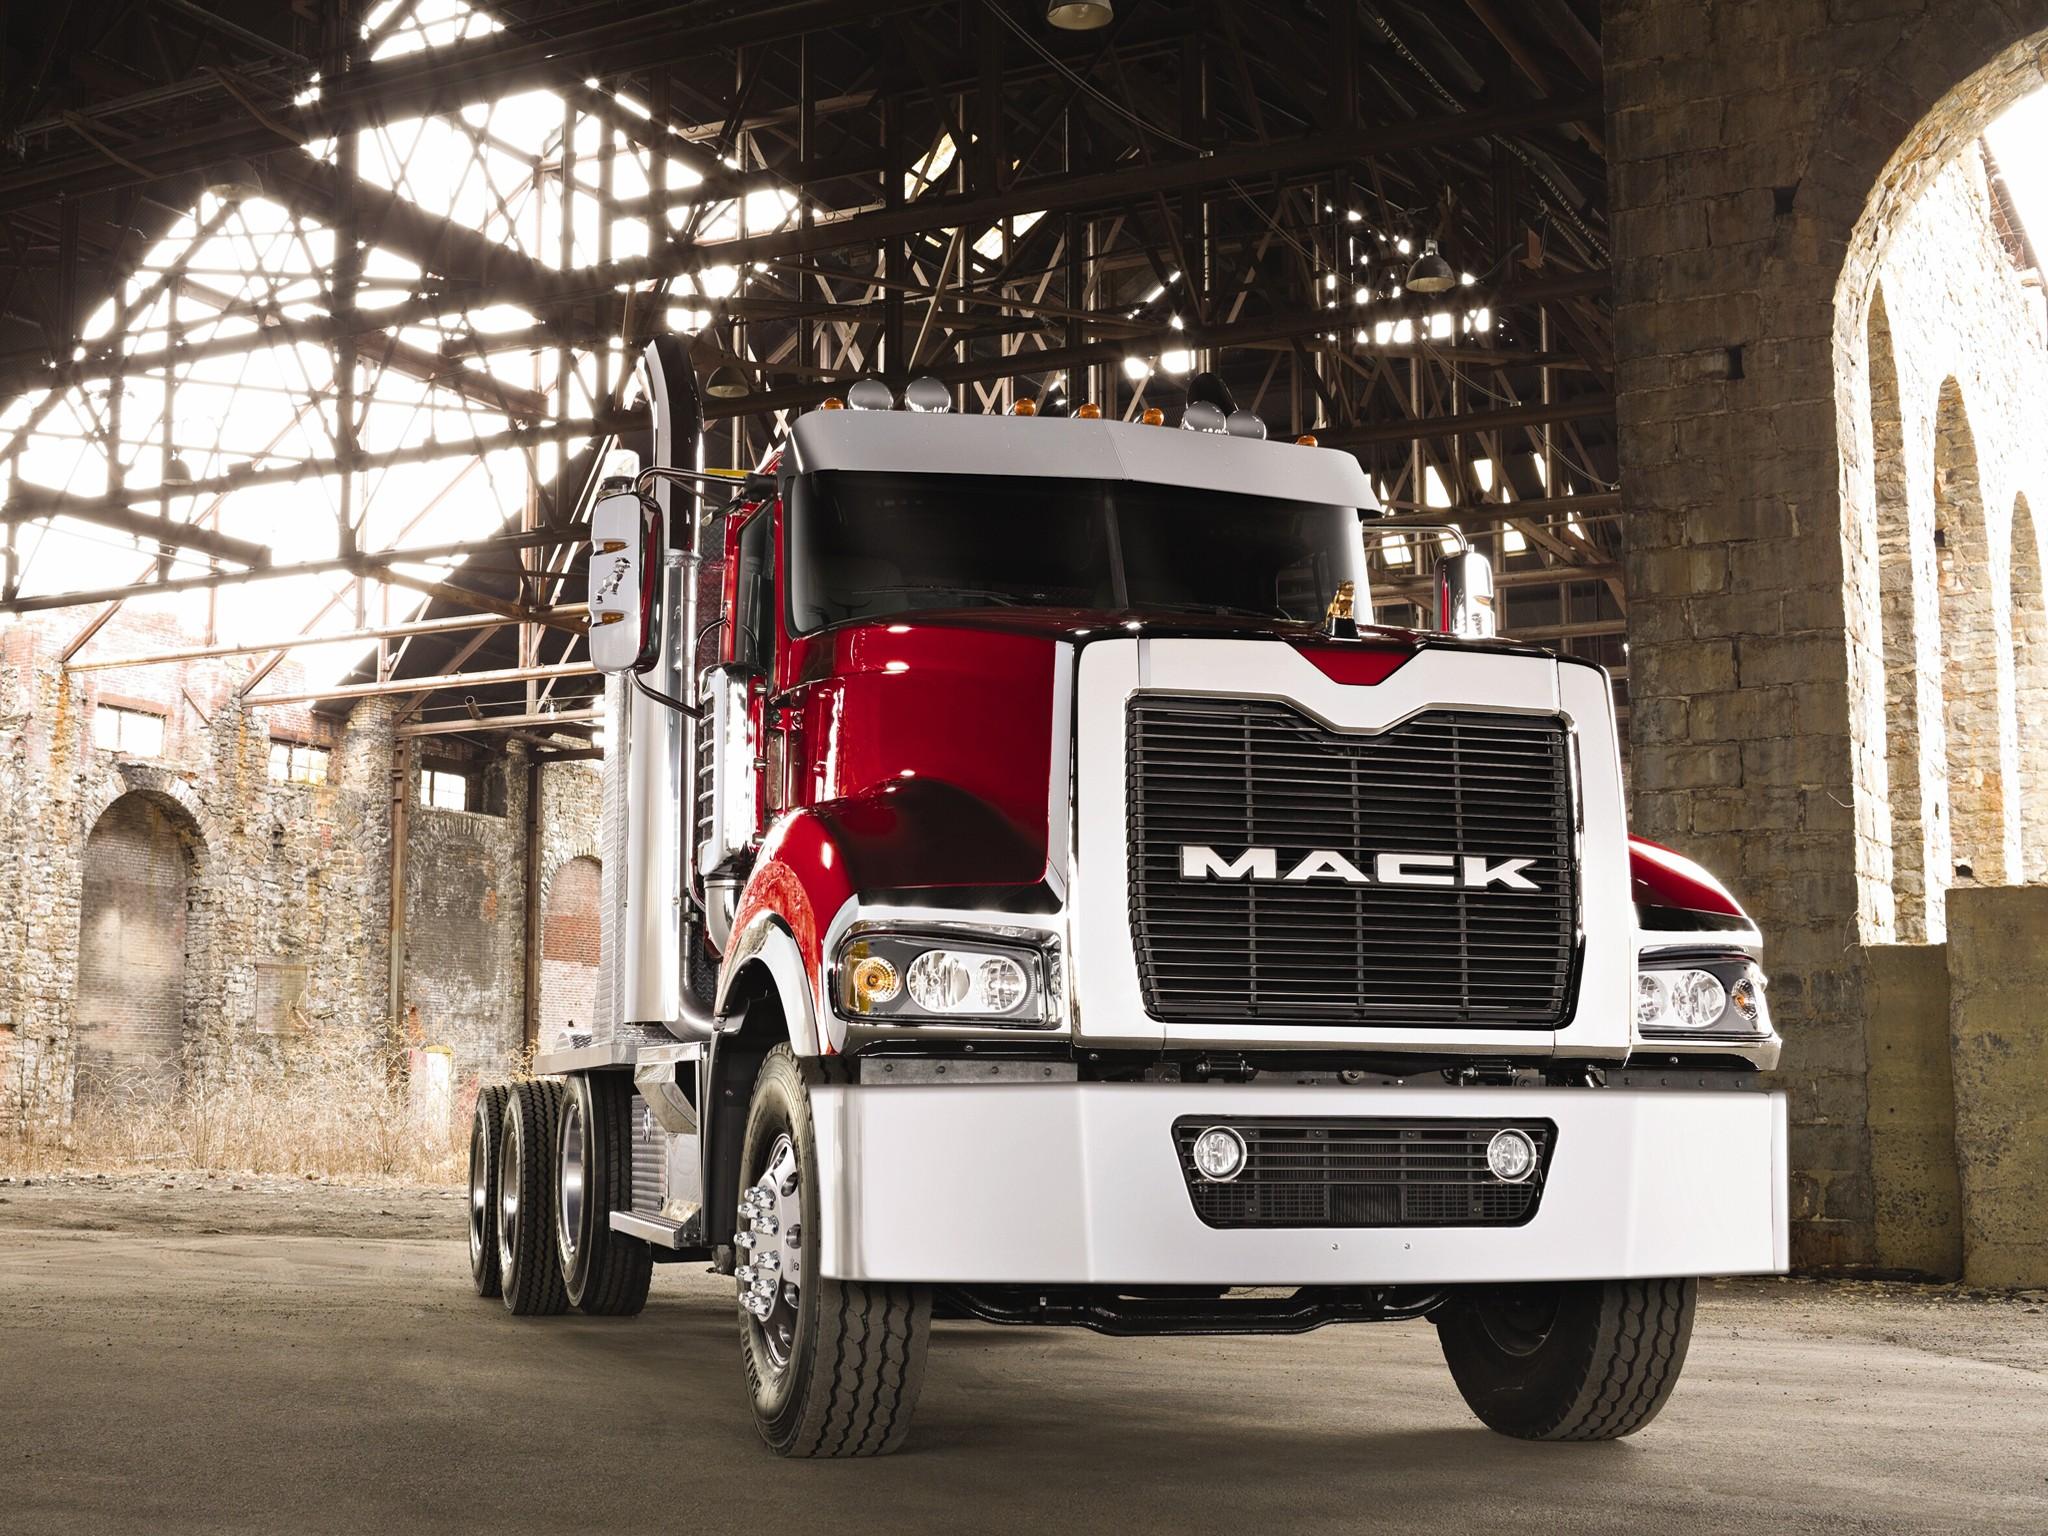 Mack Truck Computer Wallpapers Desktop Backgrounds 2048x1536 ID 2048x1536